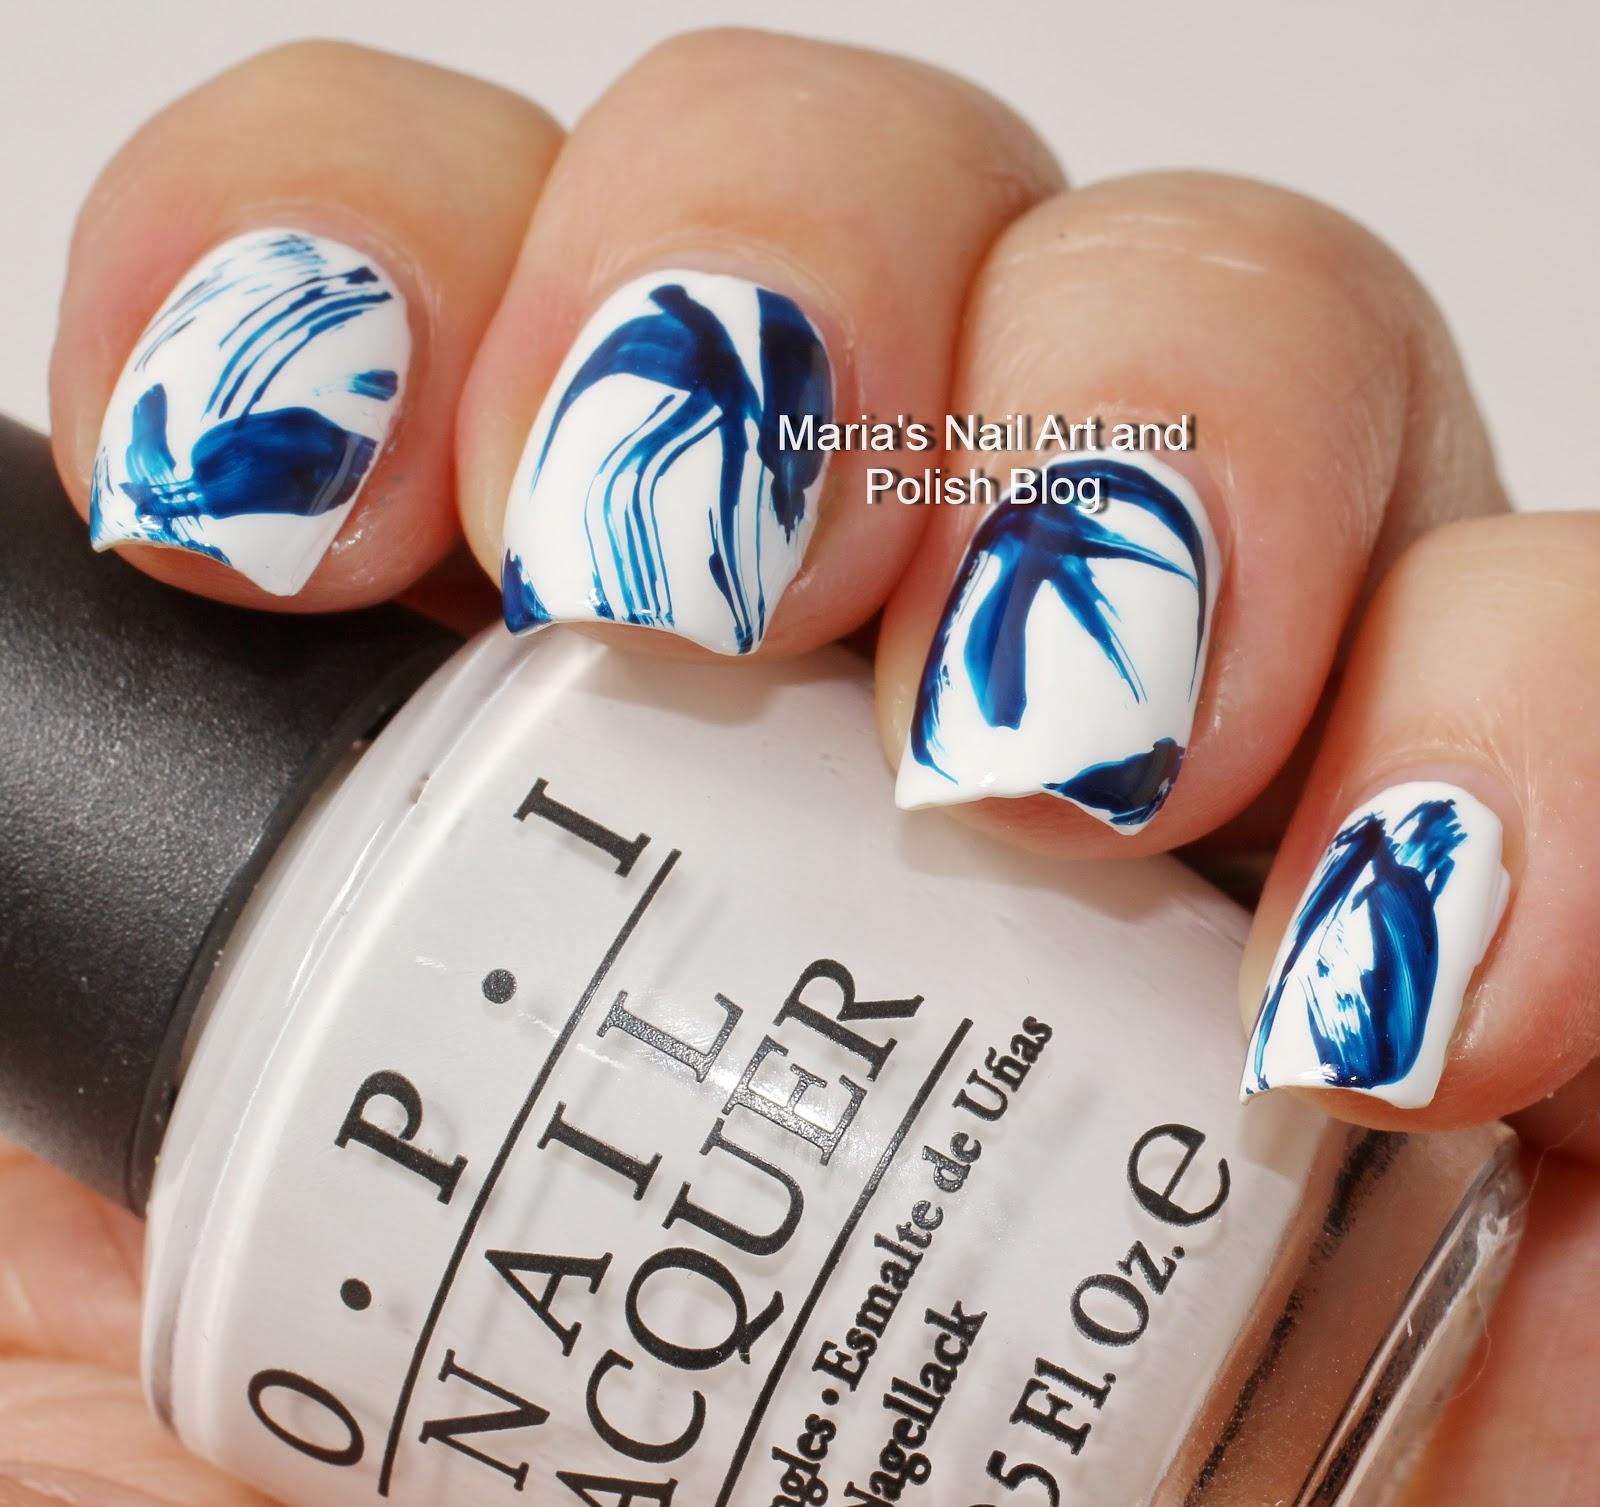 Marias Nail Art And Polish Blog Blue And White Brush Stroke Nail Art